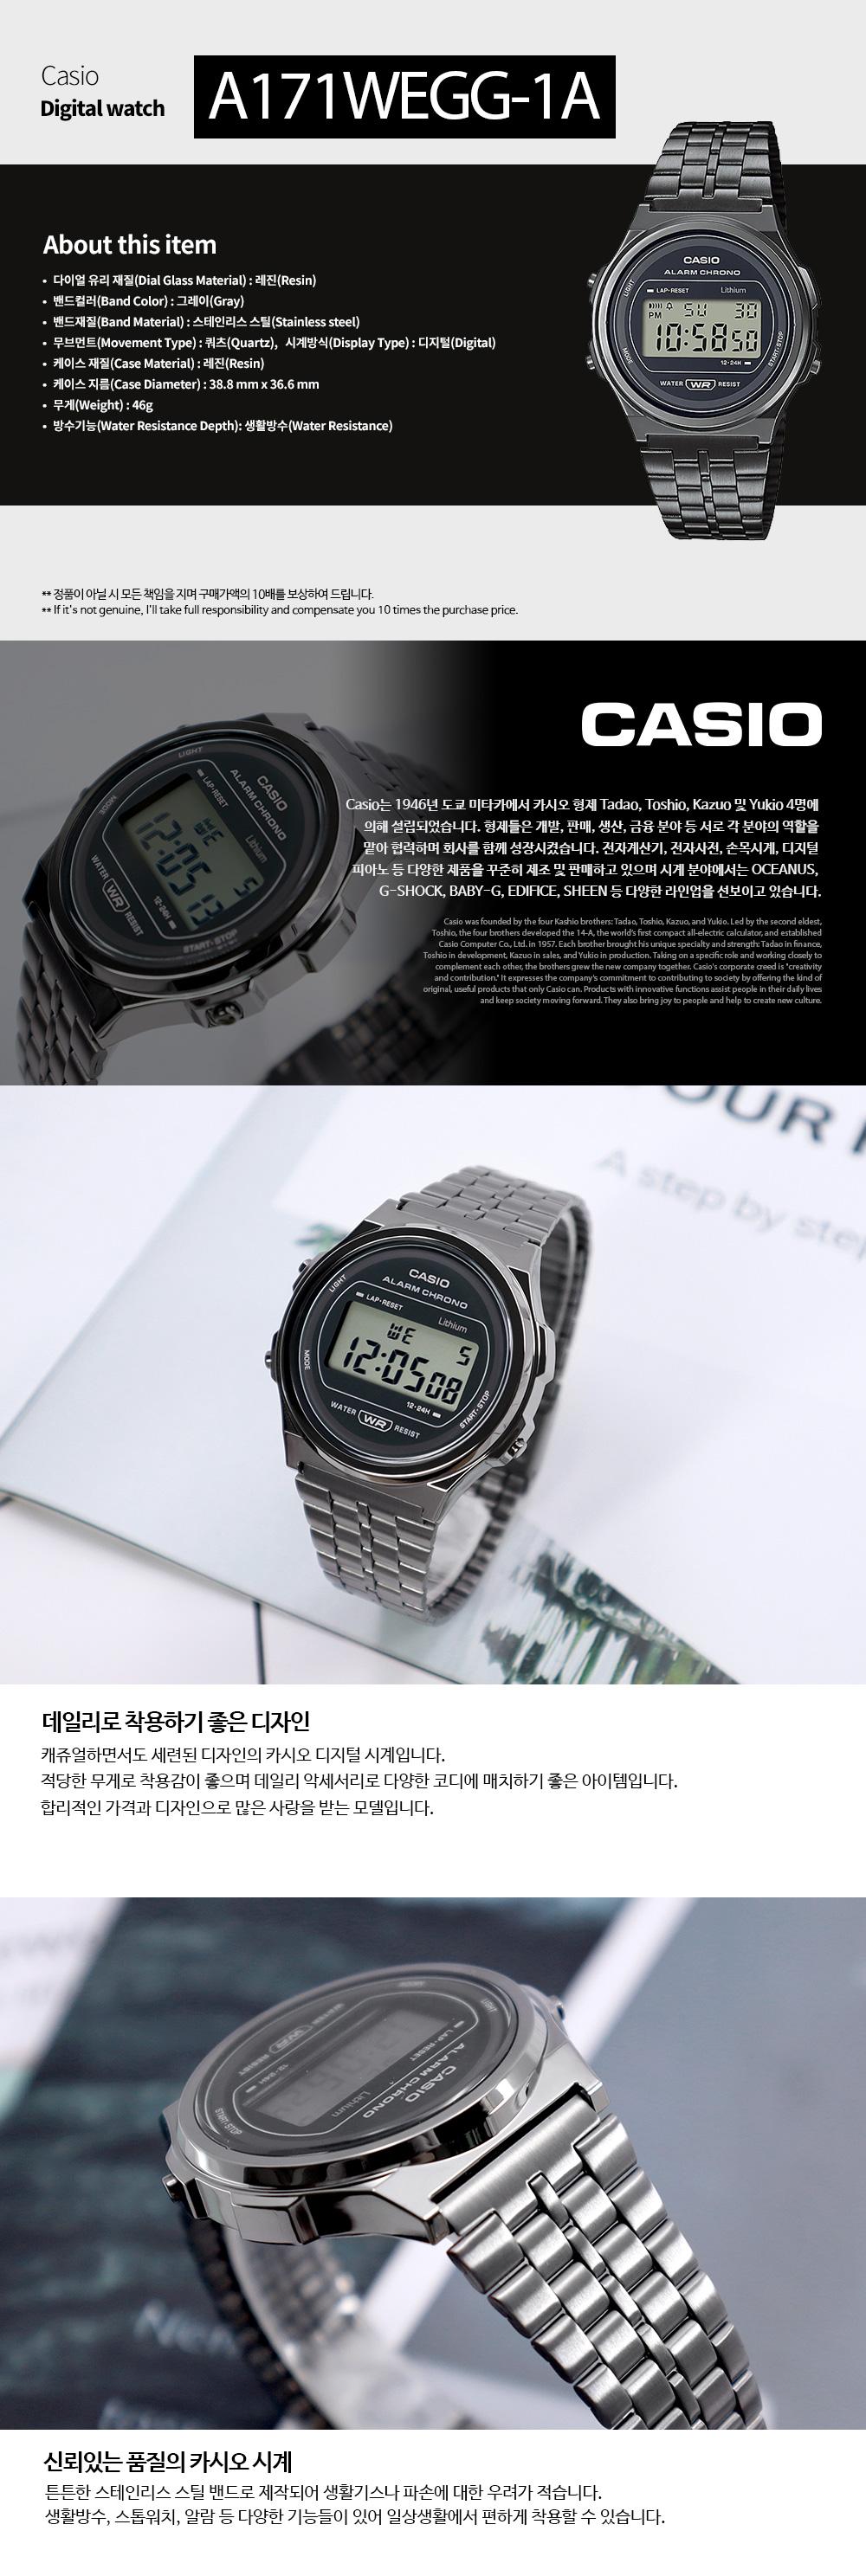 카시오(CASIO) 공용 올블랙 메탈 손목 시계 A171WEGG-1A